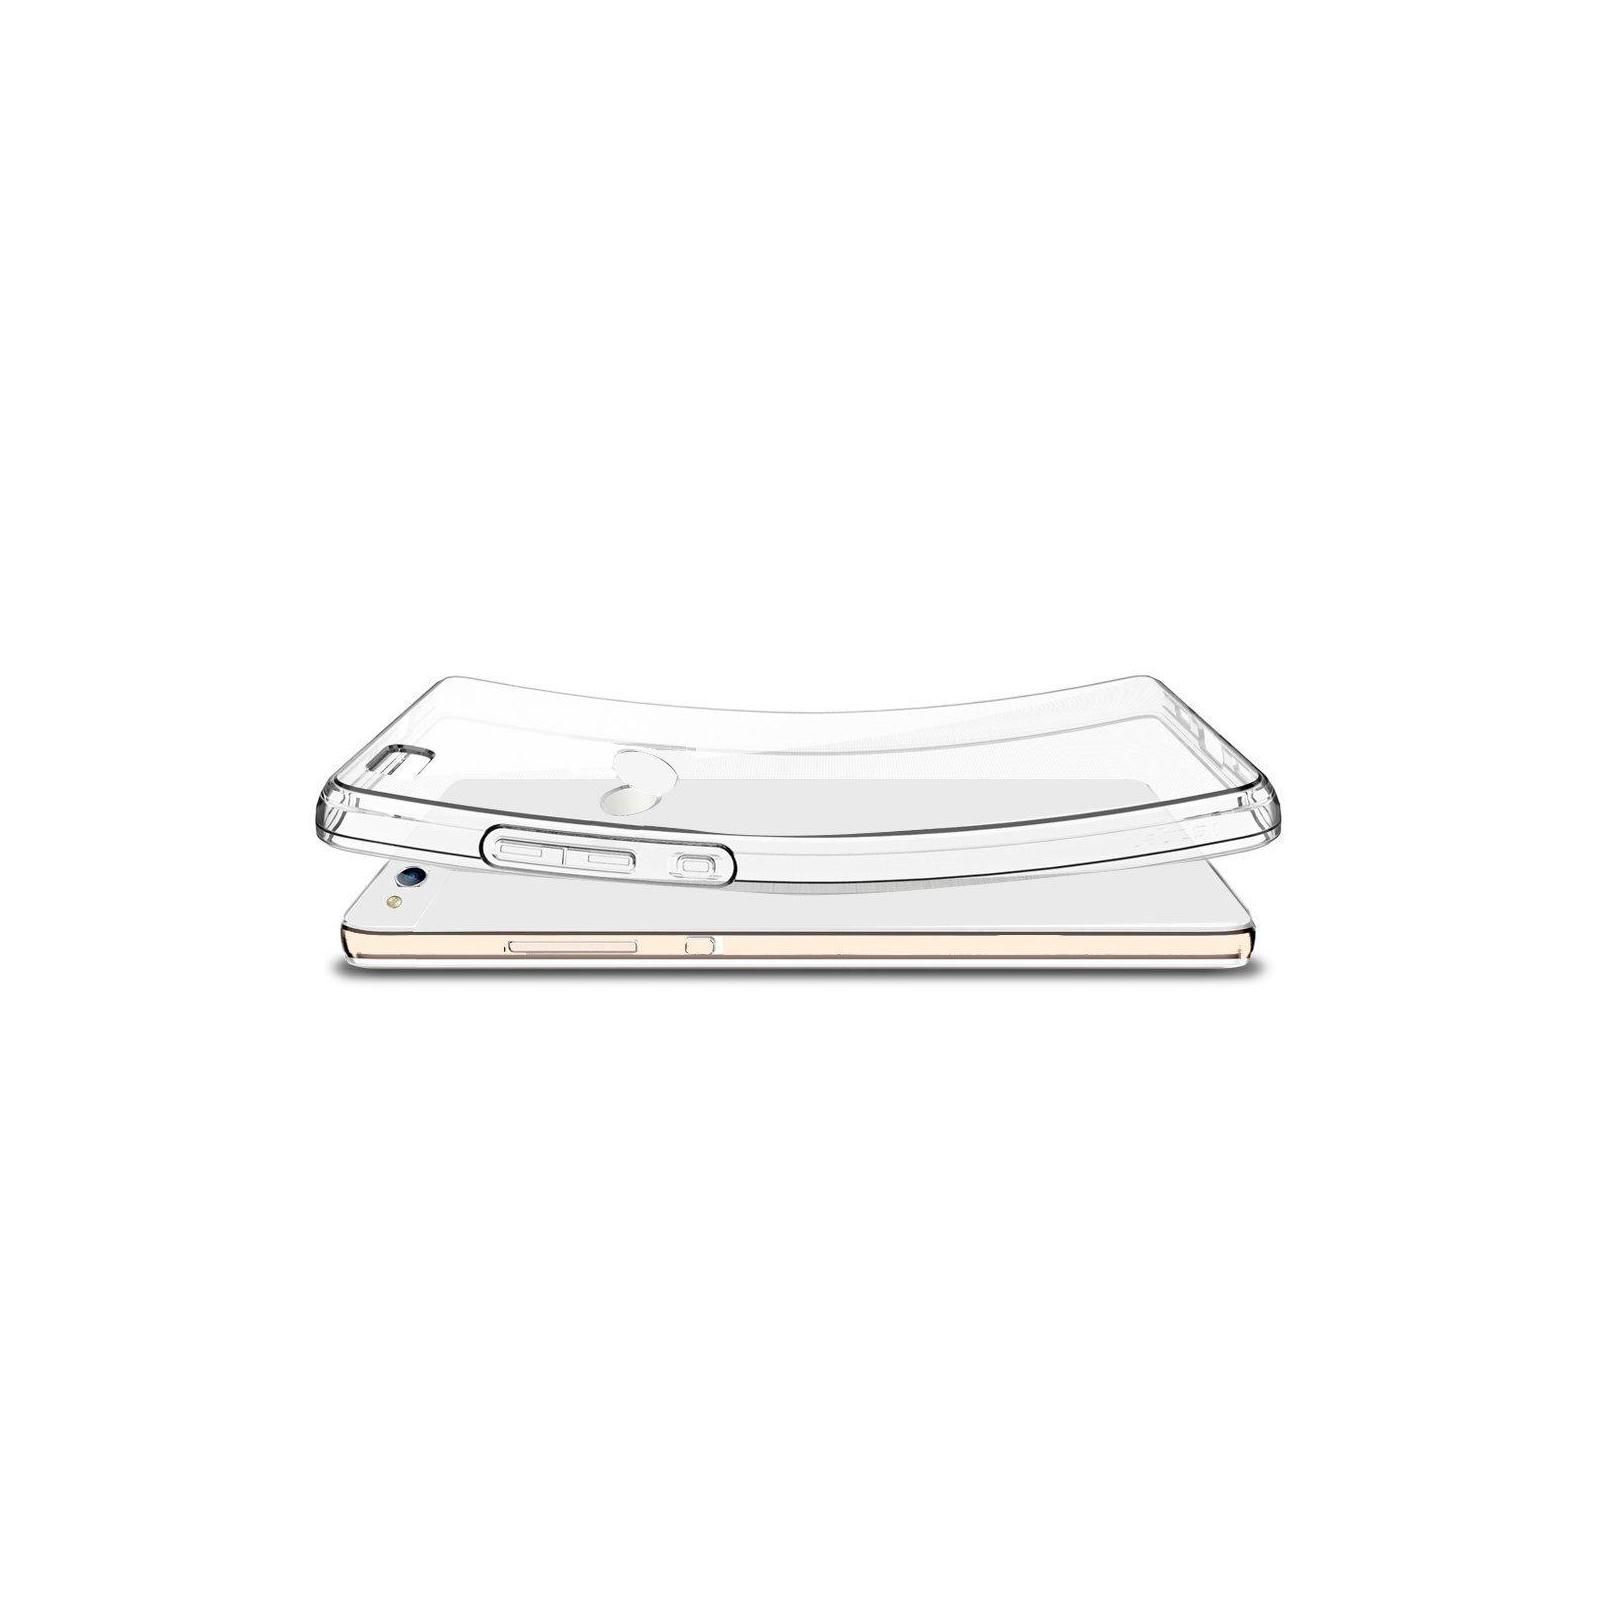 Чехол для моб. телефона SmartCase Huawei P8 Lite TPU Clear (SC-HP8L) изображение 5